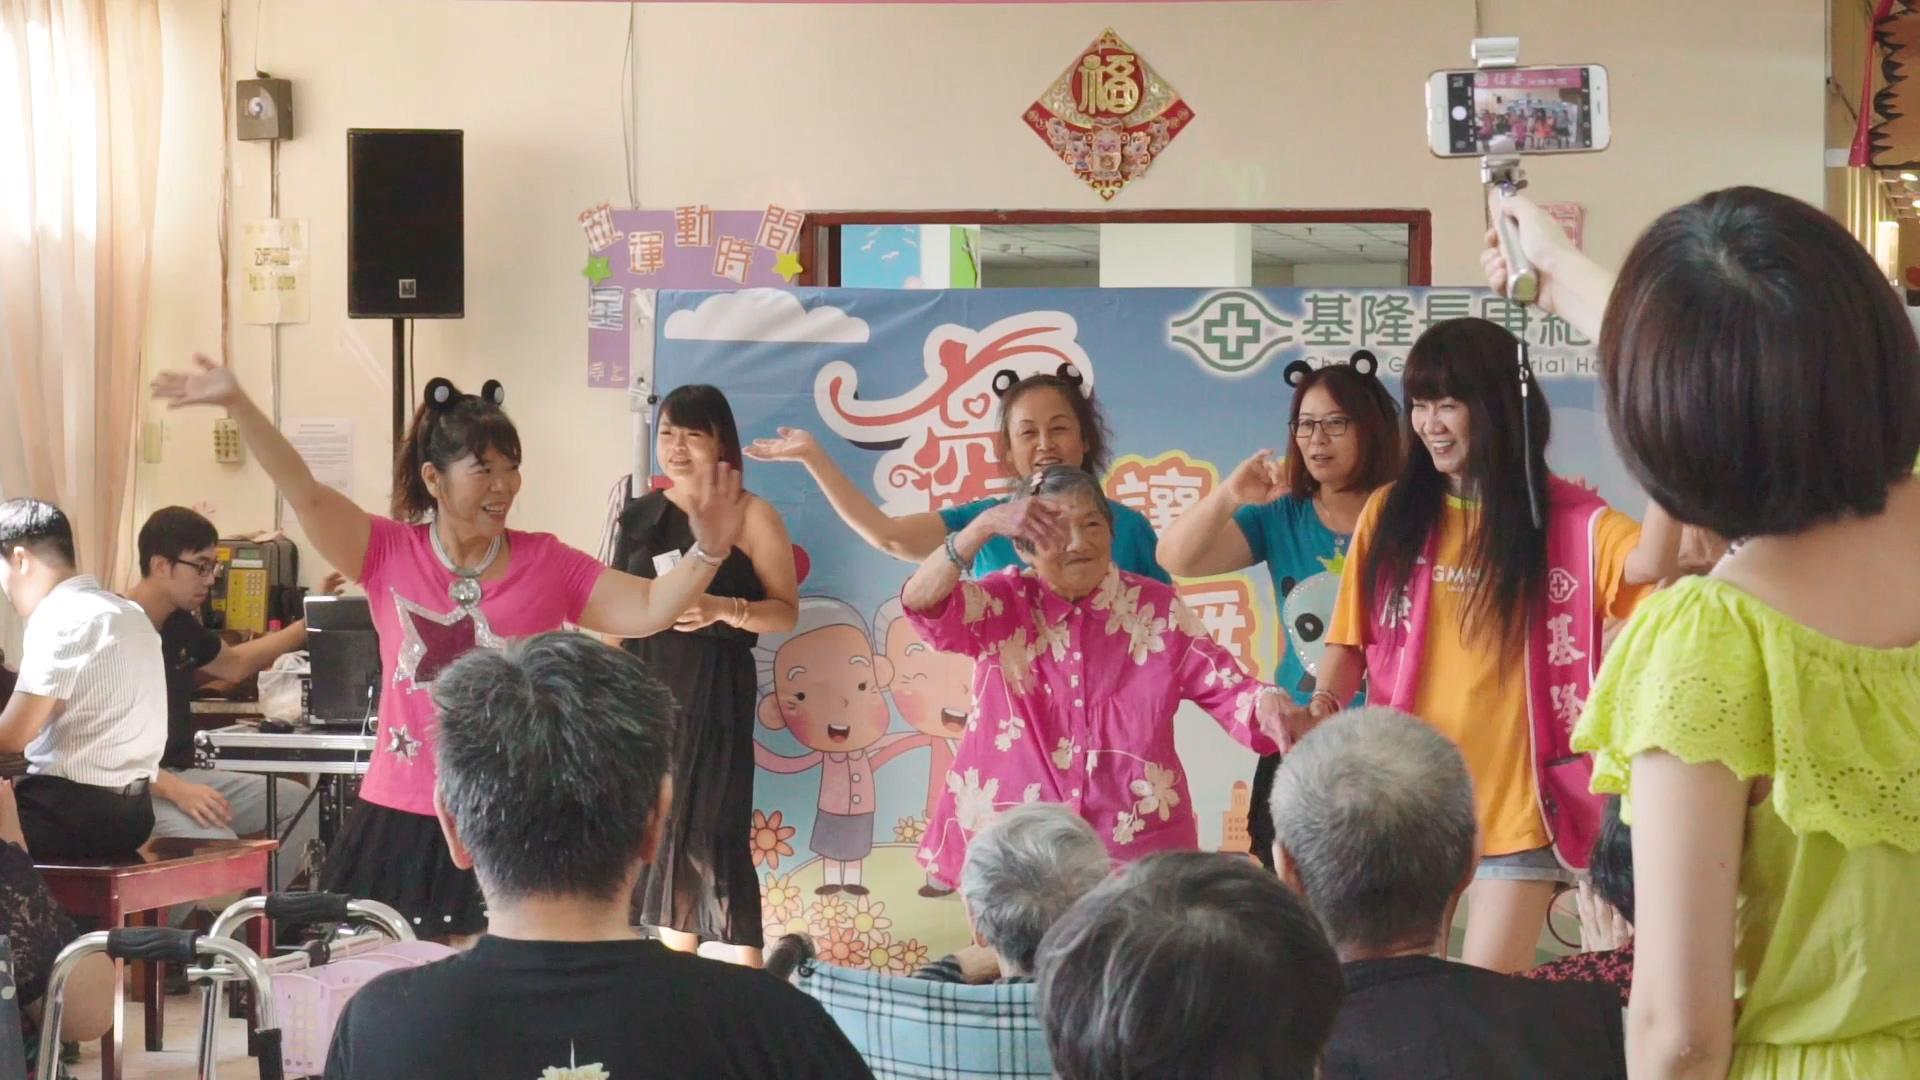 基隆恆安舞台上身著桃紅色花上衣的李足奶奶活力十足,與志工團體載歌載舞